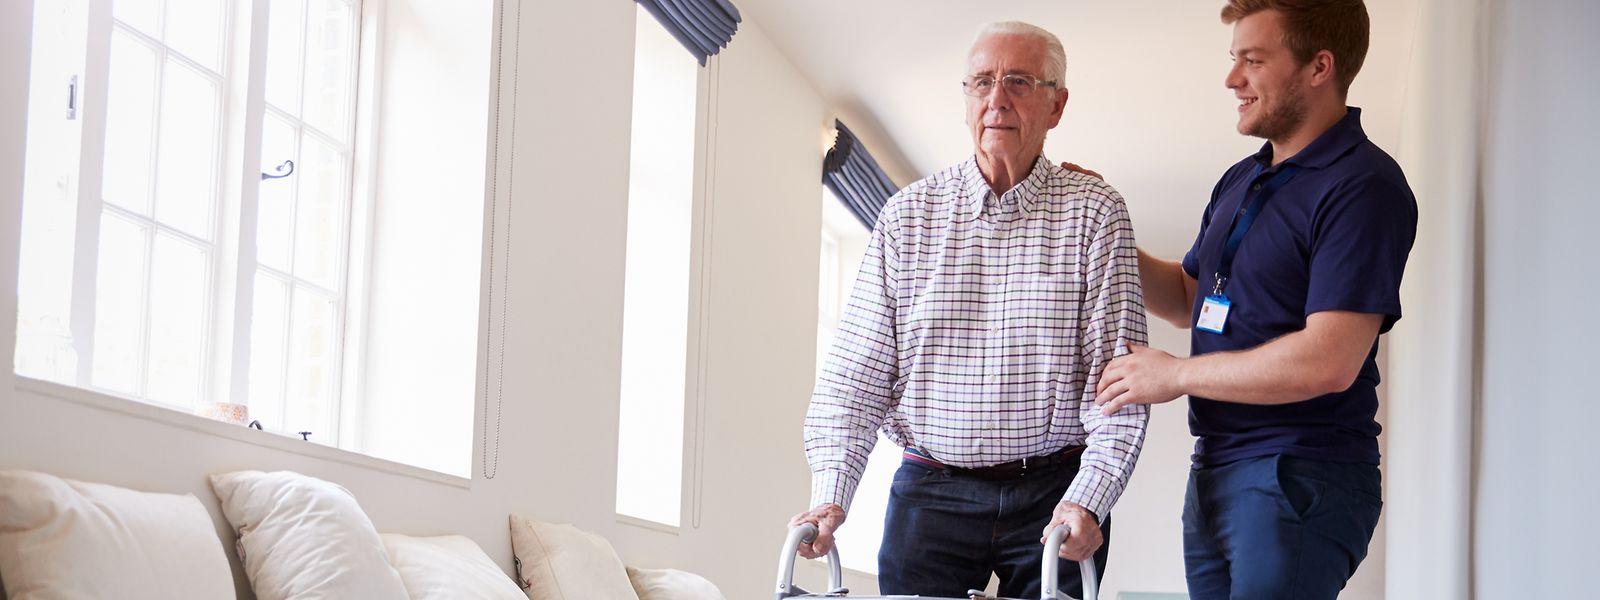 Nach einer ersten Schulung wurde ein Projekt ins Leben gerufen, bei dem Jugendliche ältere Menschen in einem Altenheim besuchen. Nun folgte ein weiterer Lehrgang, der es den Teilnehmern erlauben soll, künftig selbst junge Projektleiter auszubilden.